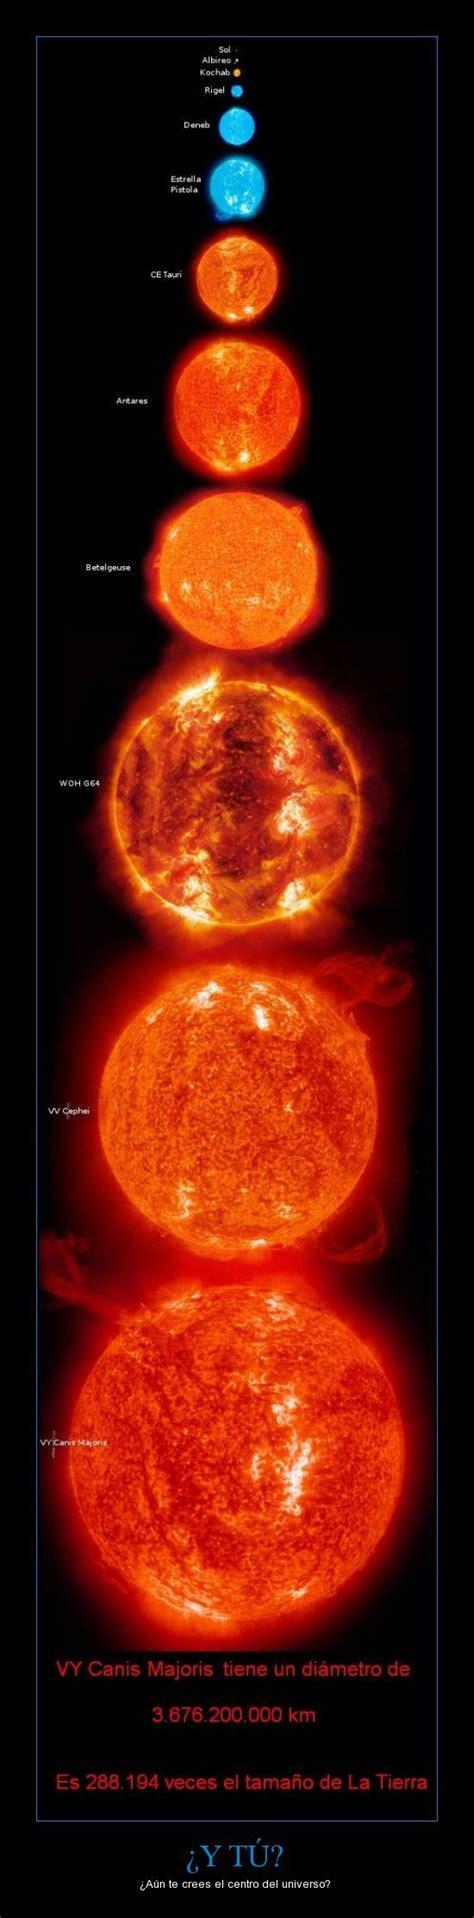 arturo la estrella mas 8485859960 las estrellas mas grandes del universo conocido apuntes y monograf 237 as